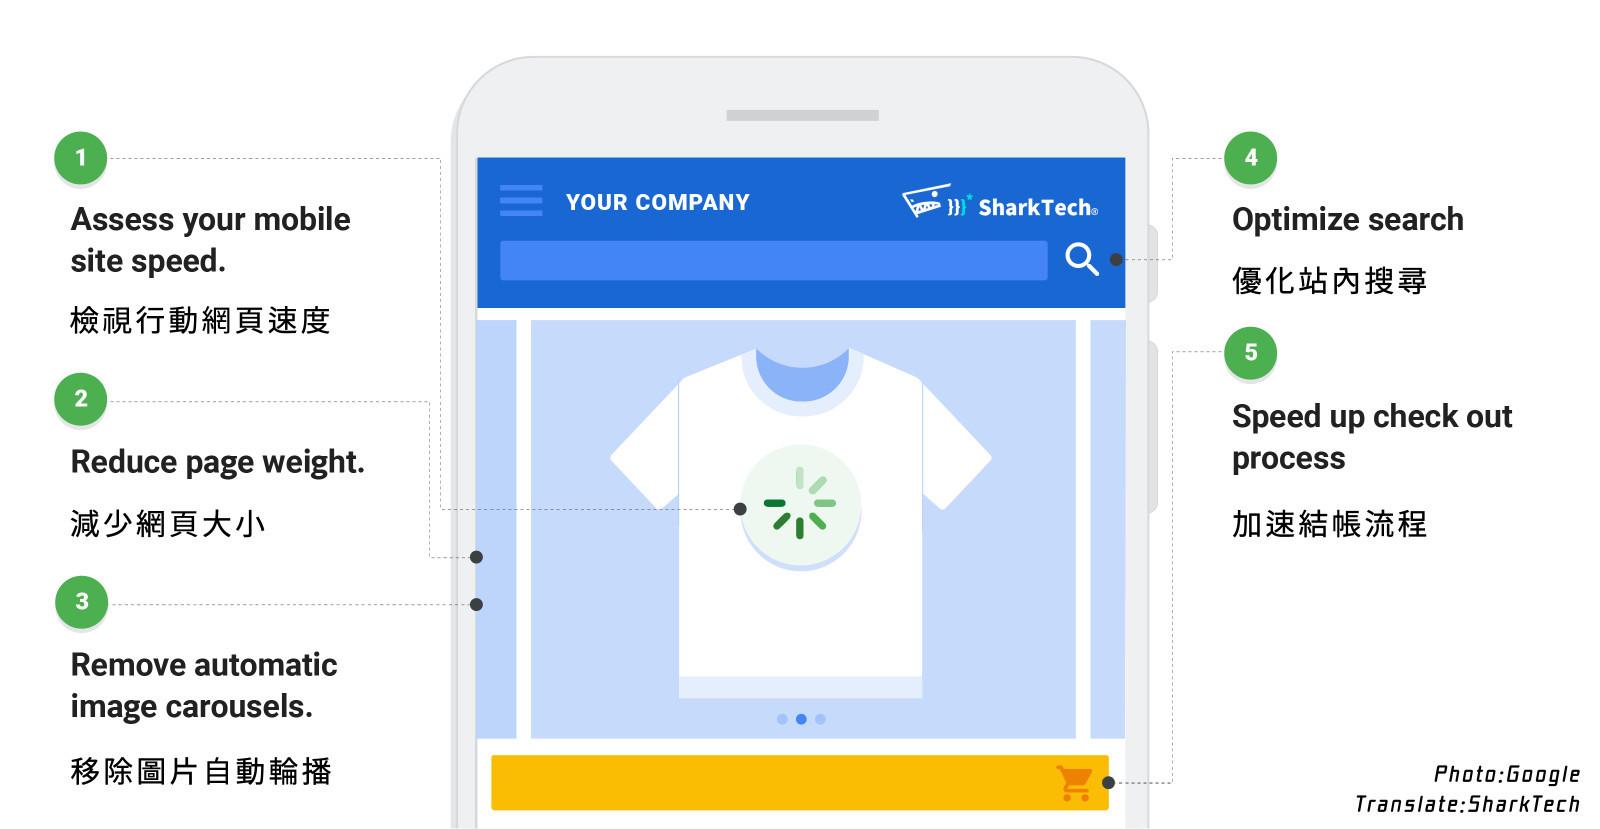 五招優化行動網站體驗,品牌提高轉換率策略-鯊客科技SEO優化網站設計公司